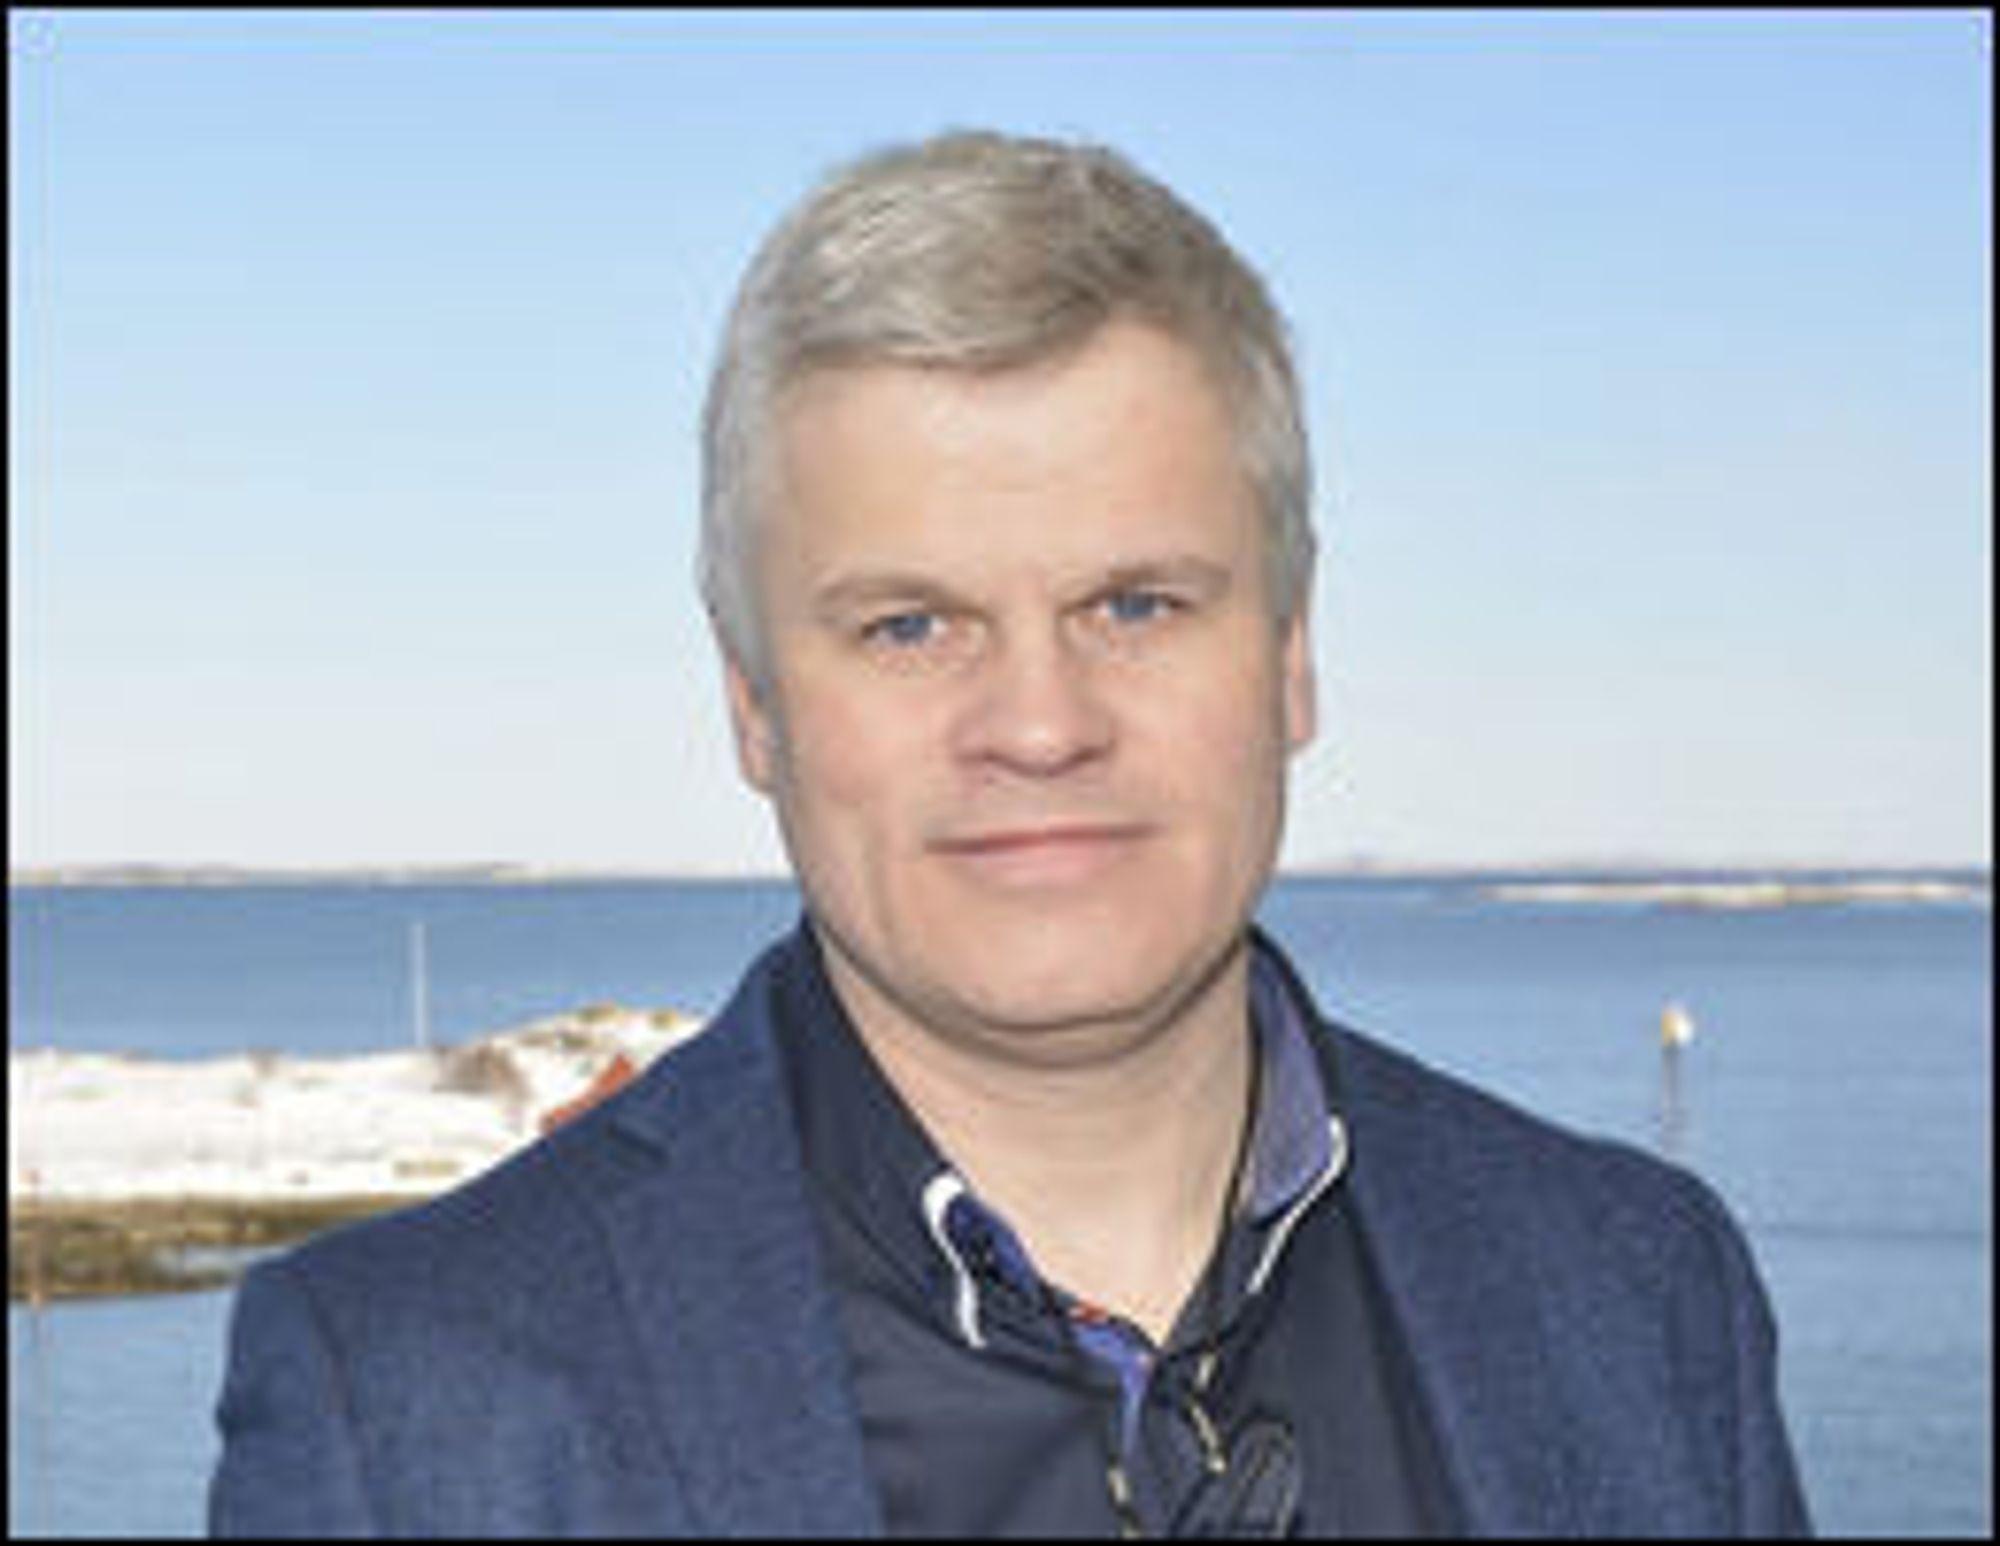 Jørgen Ferkingstad er redaktør og pressekontakt for Altinn.